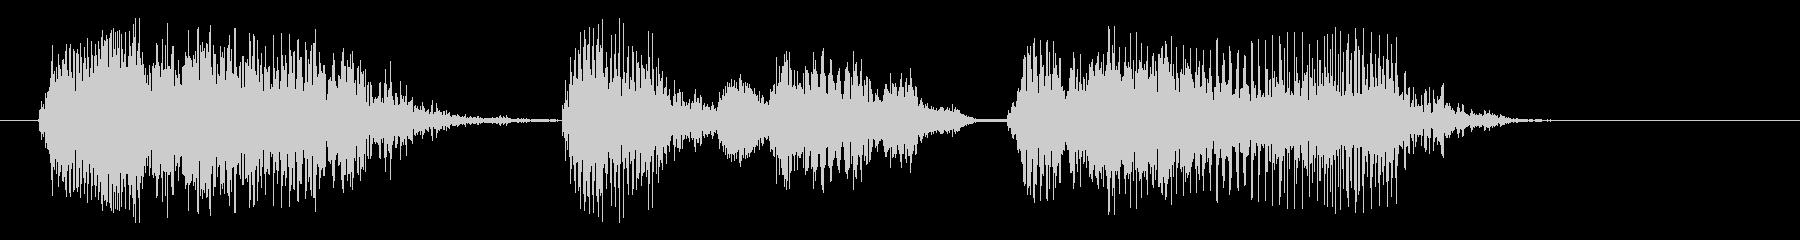 コンピューター、男性の声:エラー、...の未再生の波形